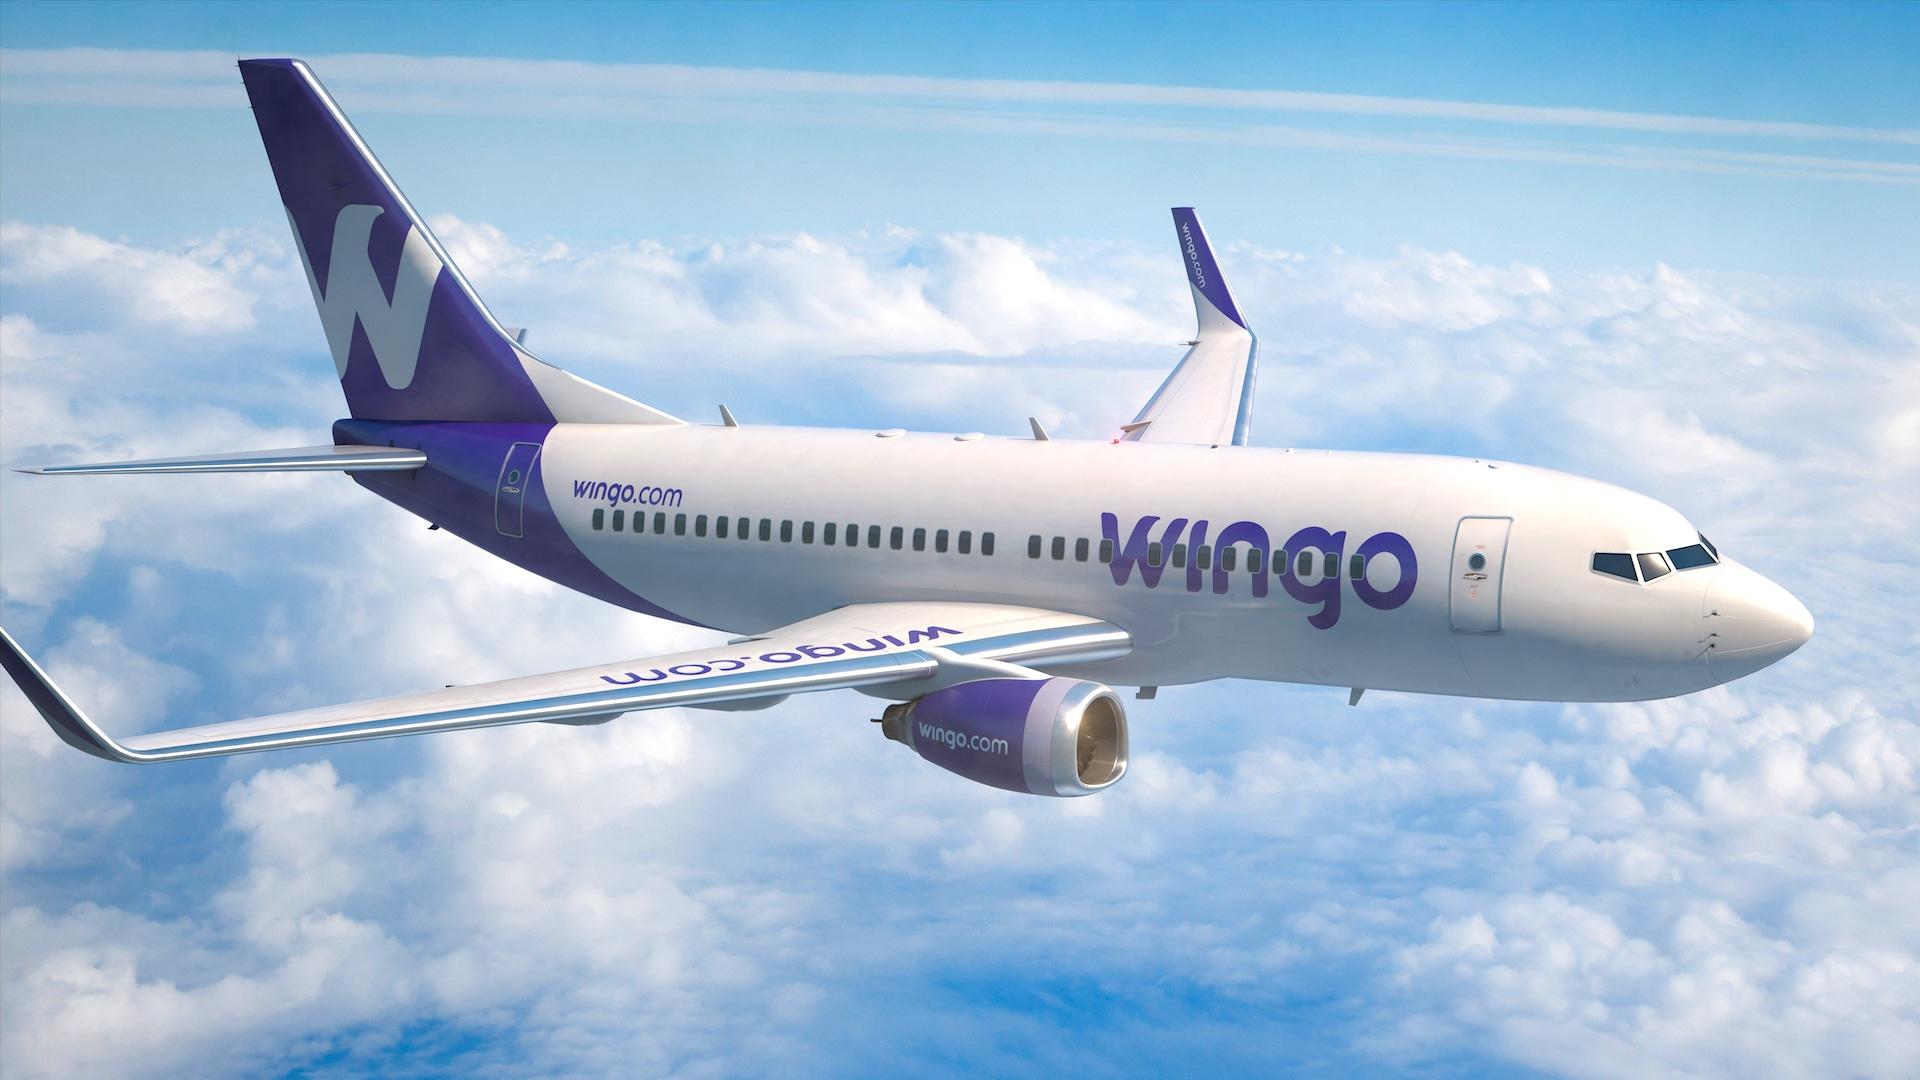 Wingo tem voos baratos na Colômbia